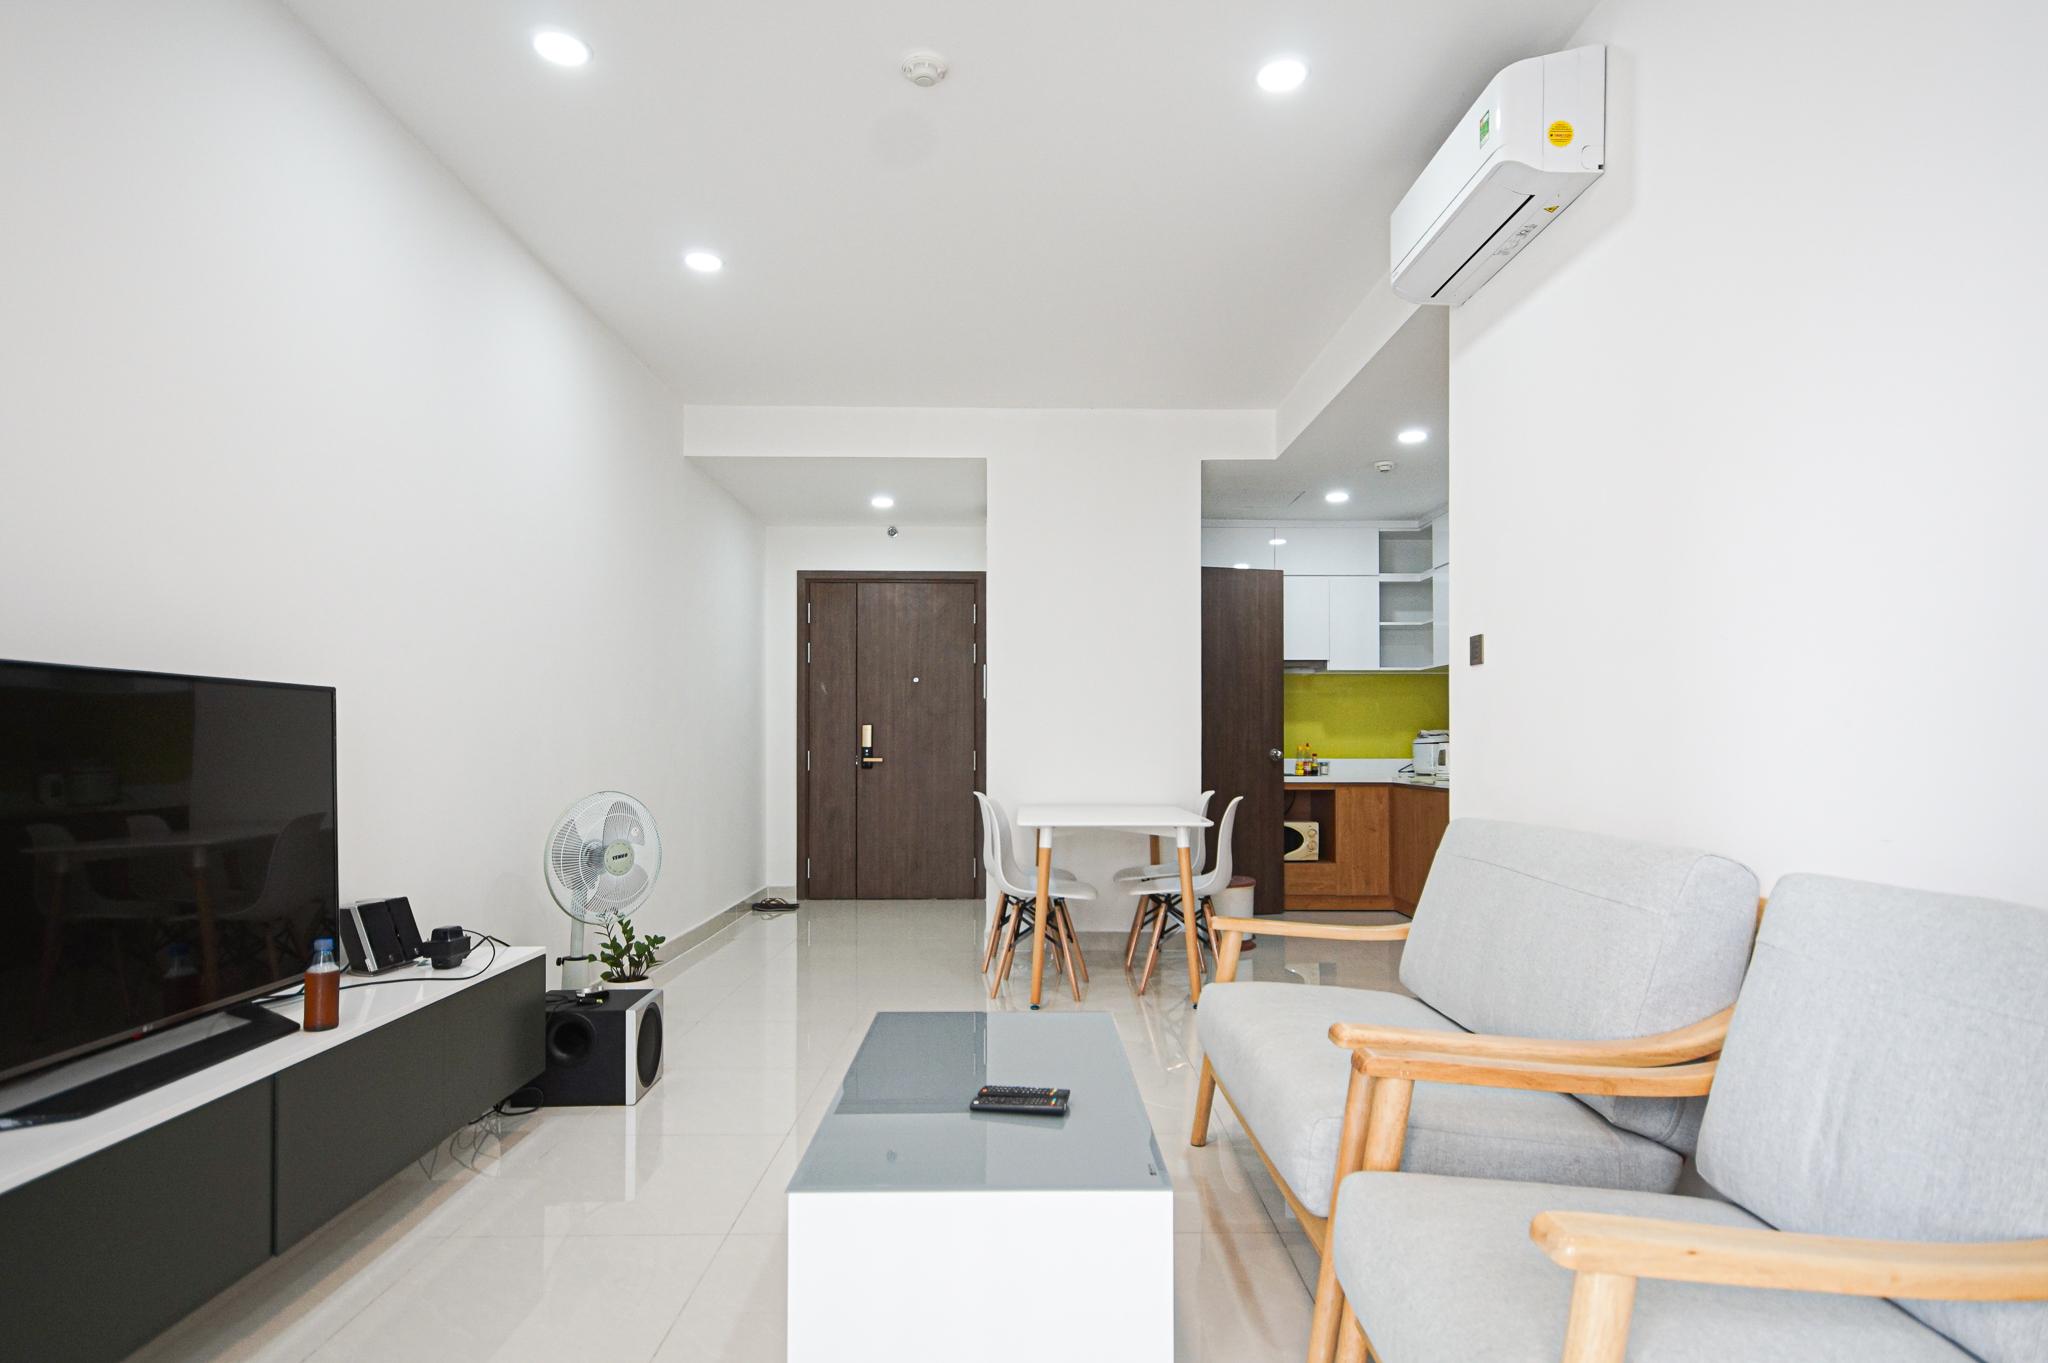 Cho Thuê Căn hộ 2 PN Saigon Royal Residence - Đầy Đủ Nội Thất & Thoáng Mát-3